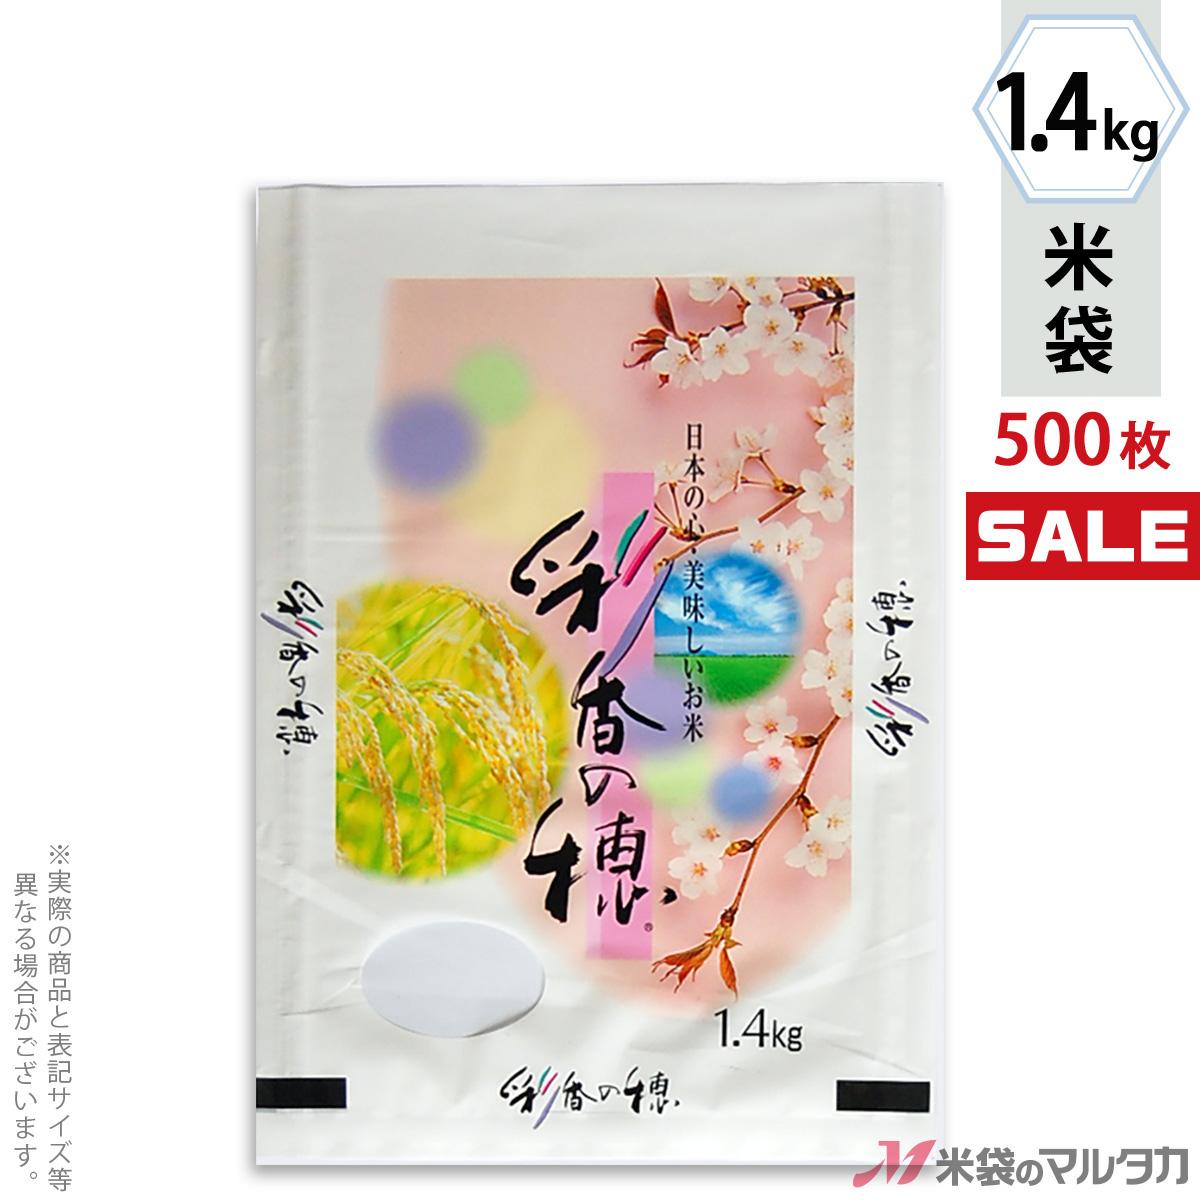 <キャンペーン対応>米袋 ラミ フレブレス 彩香の穂  1.4kg 1ケース(500枚入) MN-6200